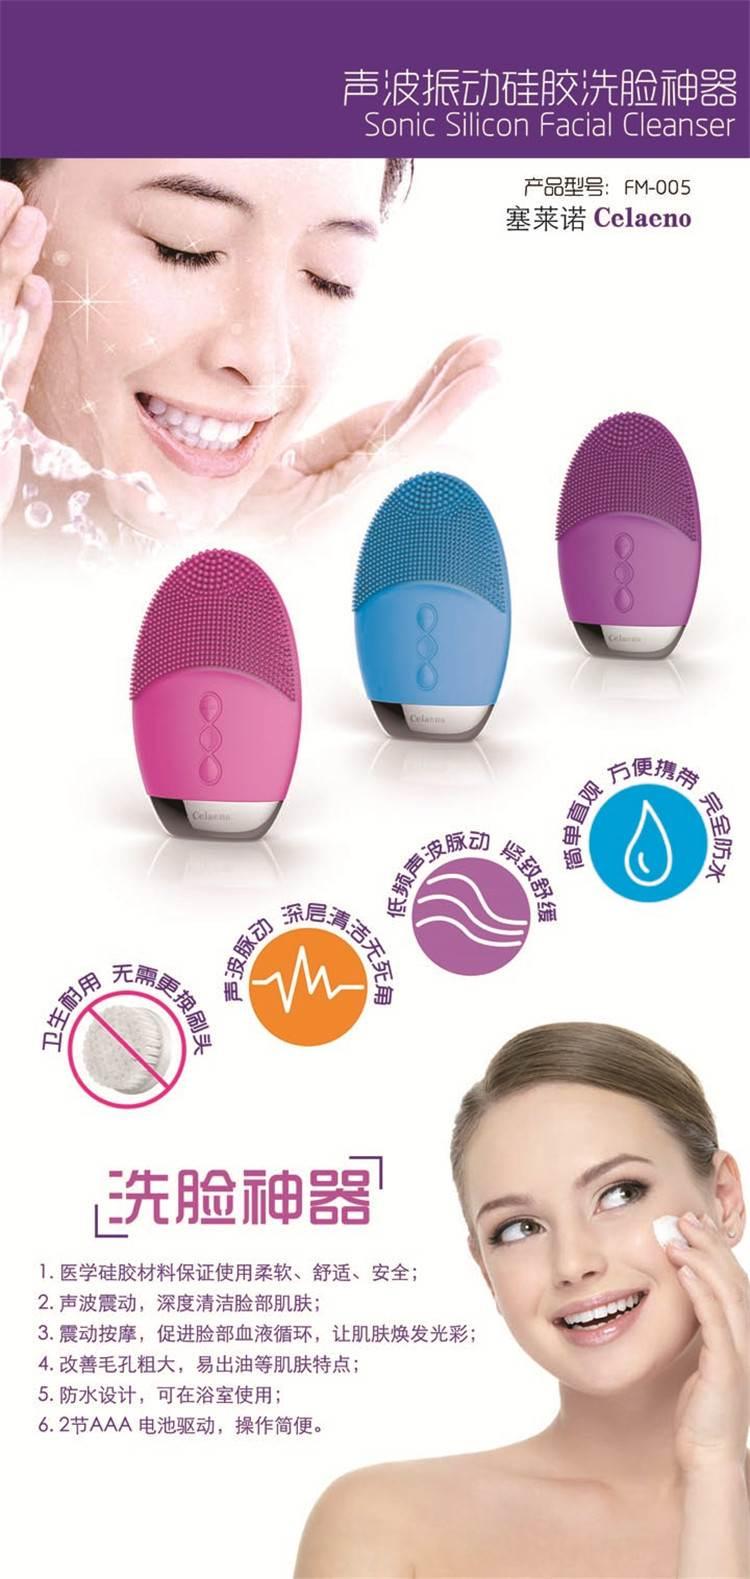 智能洁面仪防水硅胶洗脸仪洗脸神器家用毛孔清洁器洗脸刷厂家直销